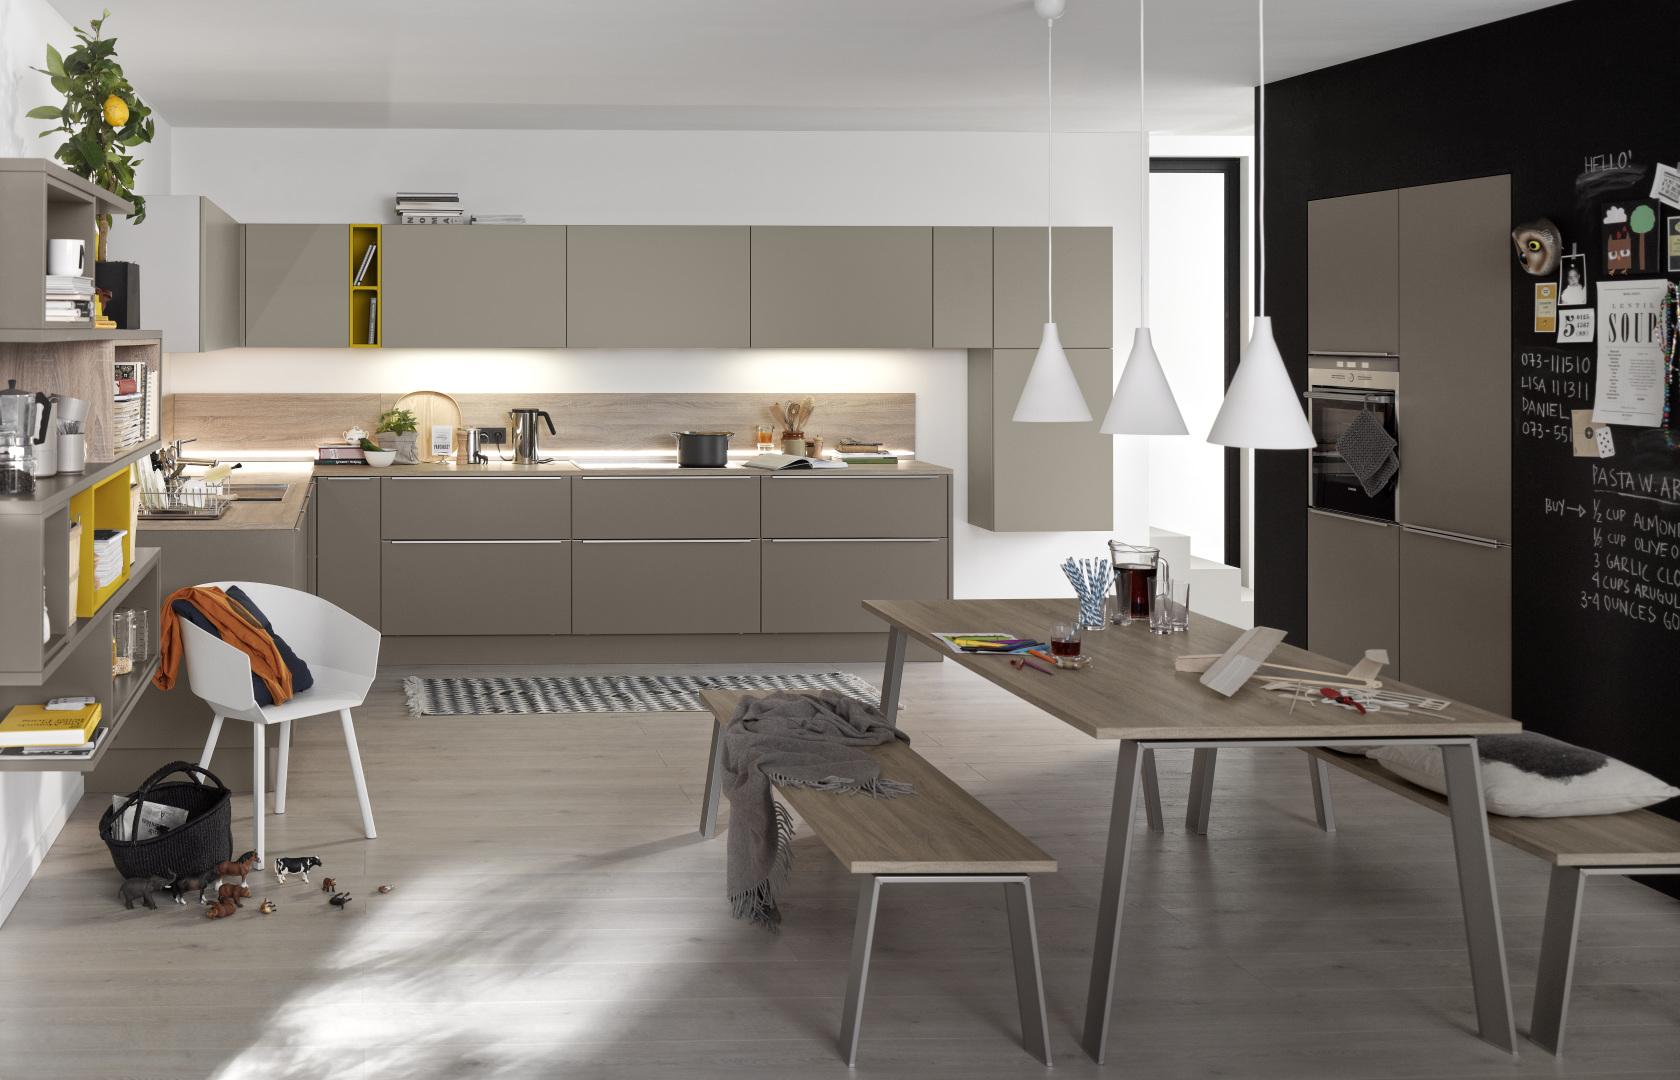 Moderne küchen preise  Moderne Küchen online kaufen - gute Preise | küchenEXPERTE